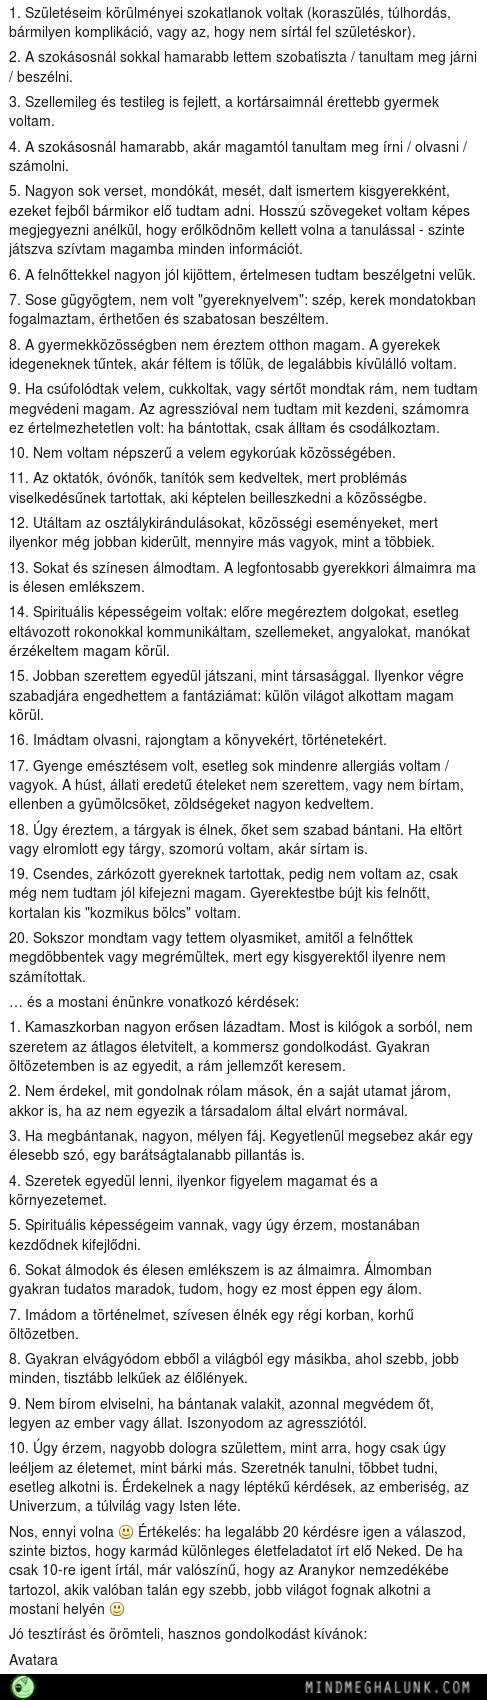 kerdoiv2